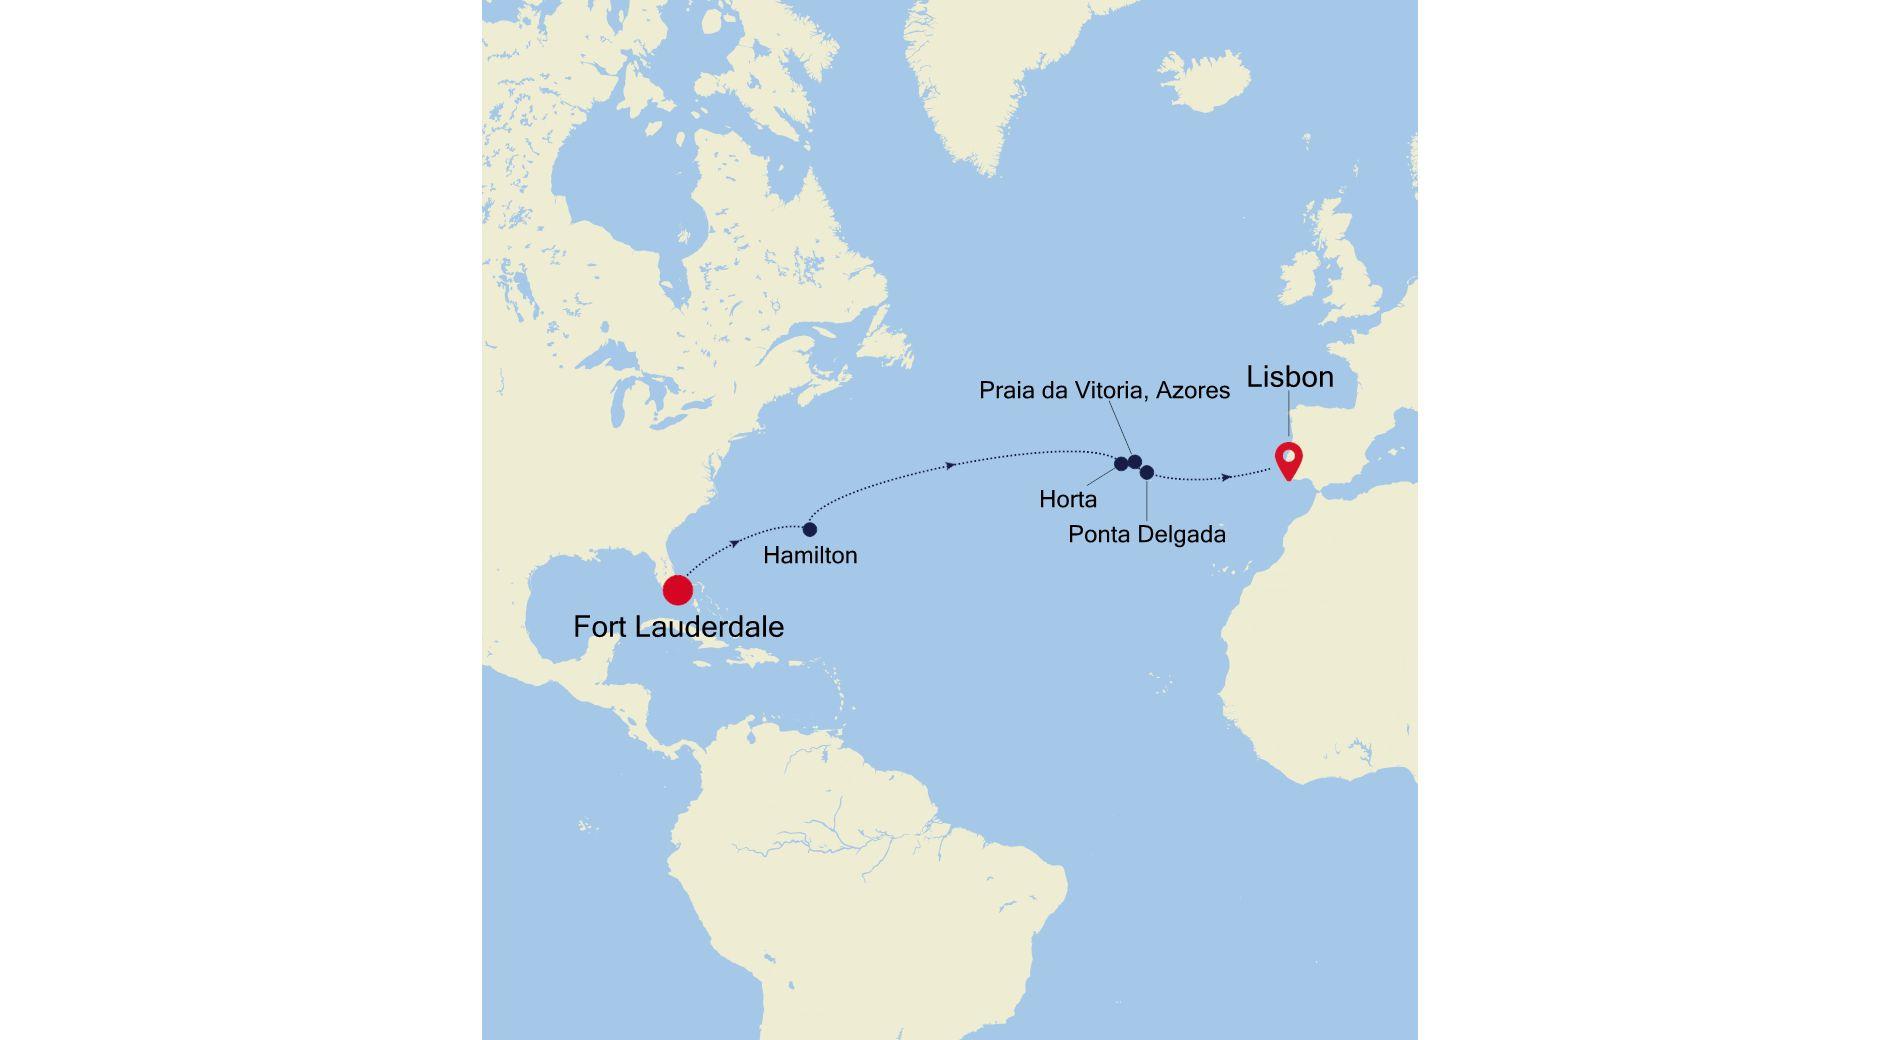 DA220318014 - Fort Lauderdale a Lisbon